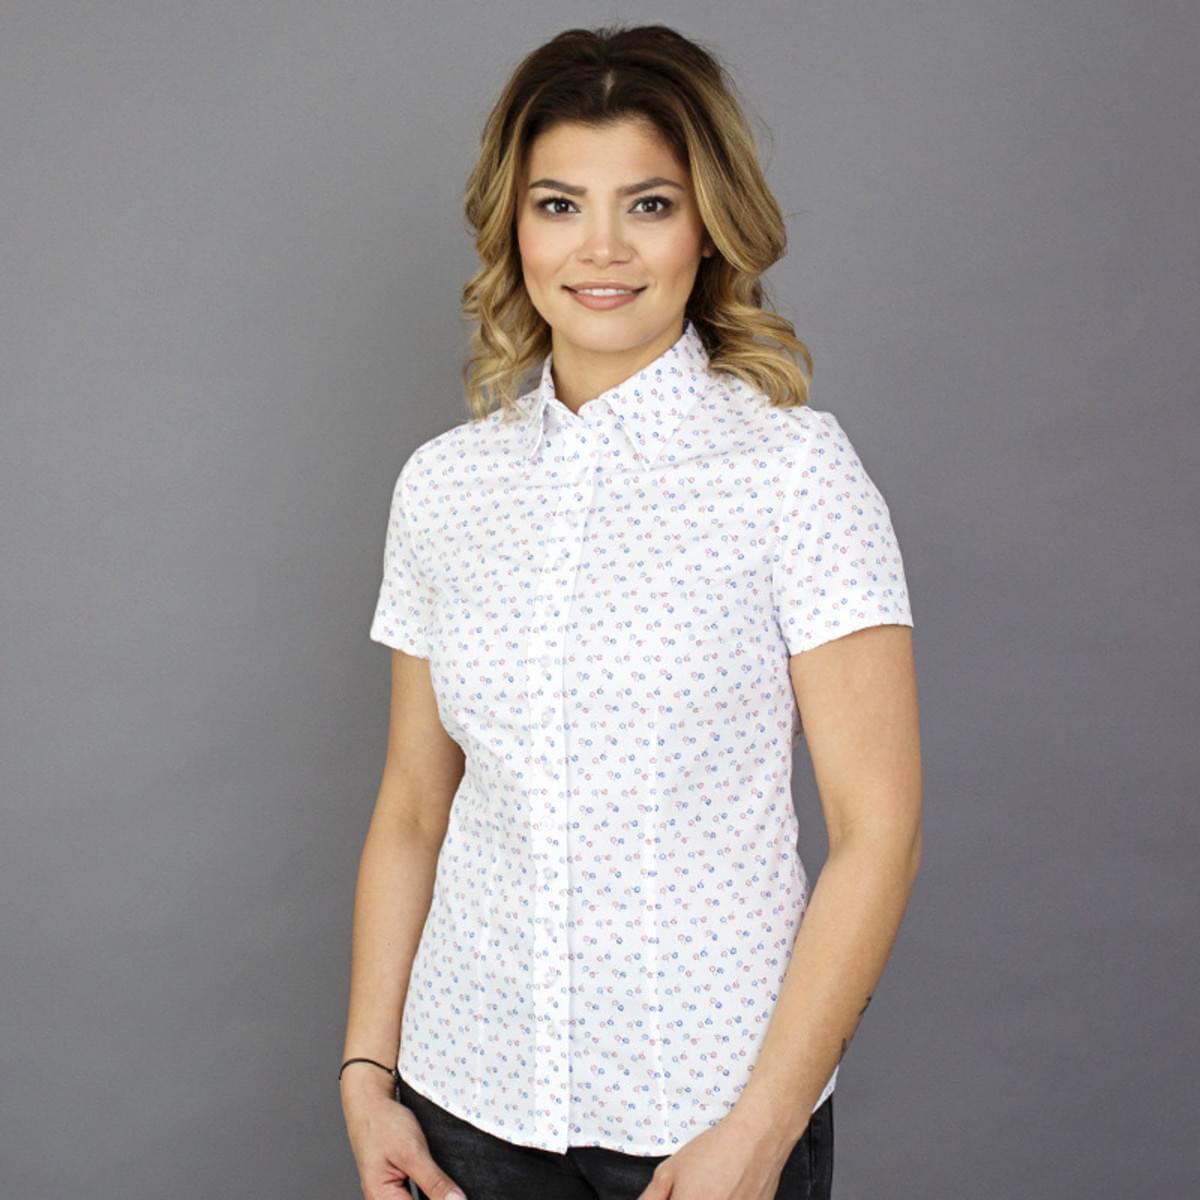 Dámská košile s krátkým rukávem Willsoor 7812 v bílé barvě 34